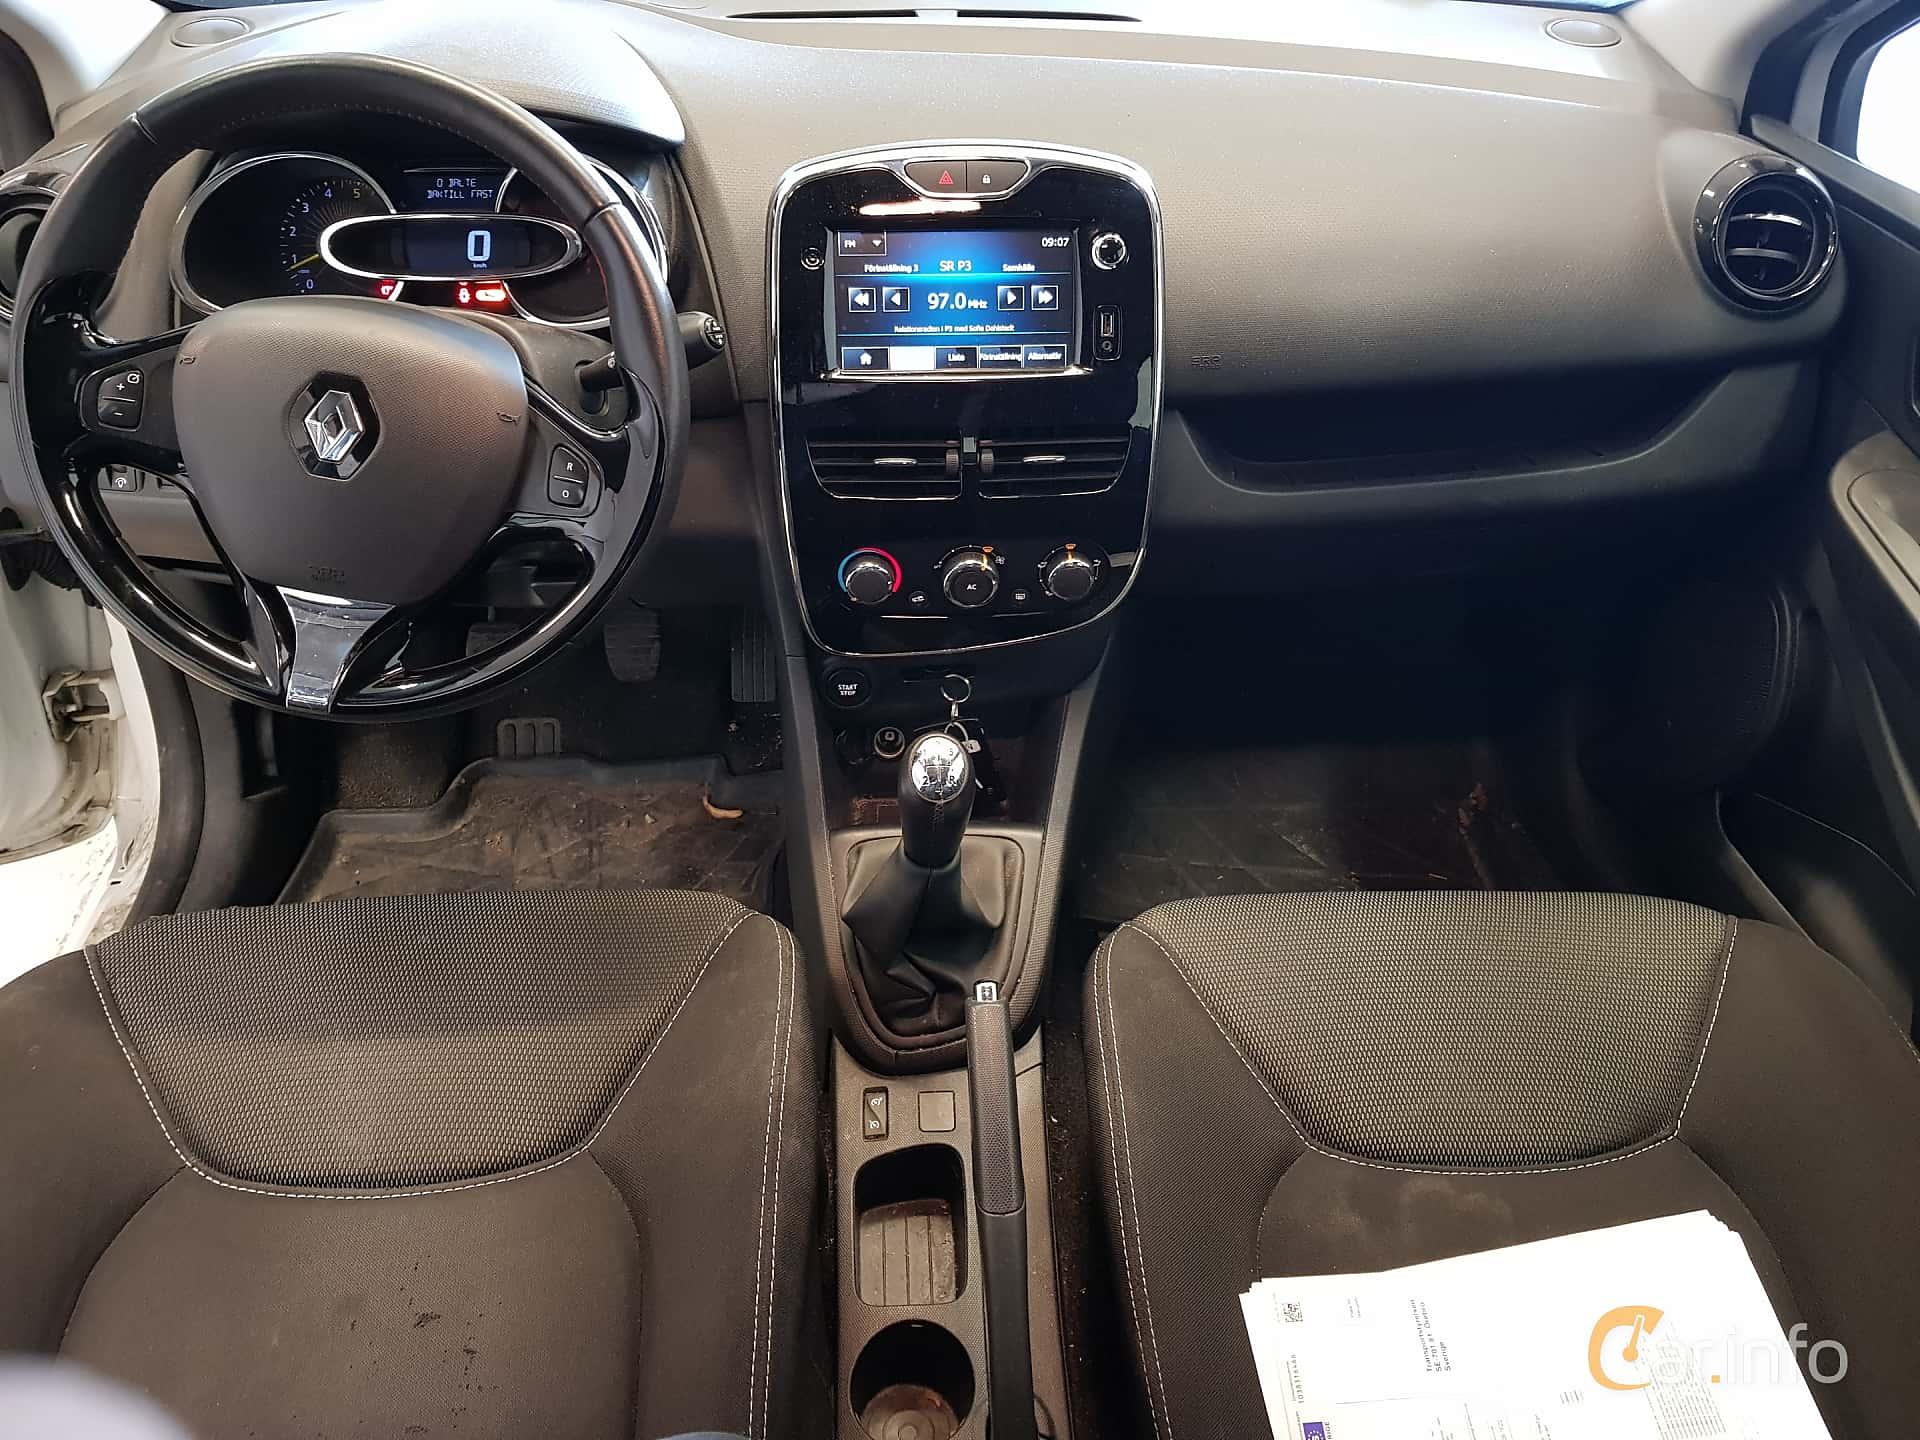 Renault Clio Interior 2014